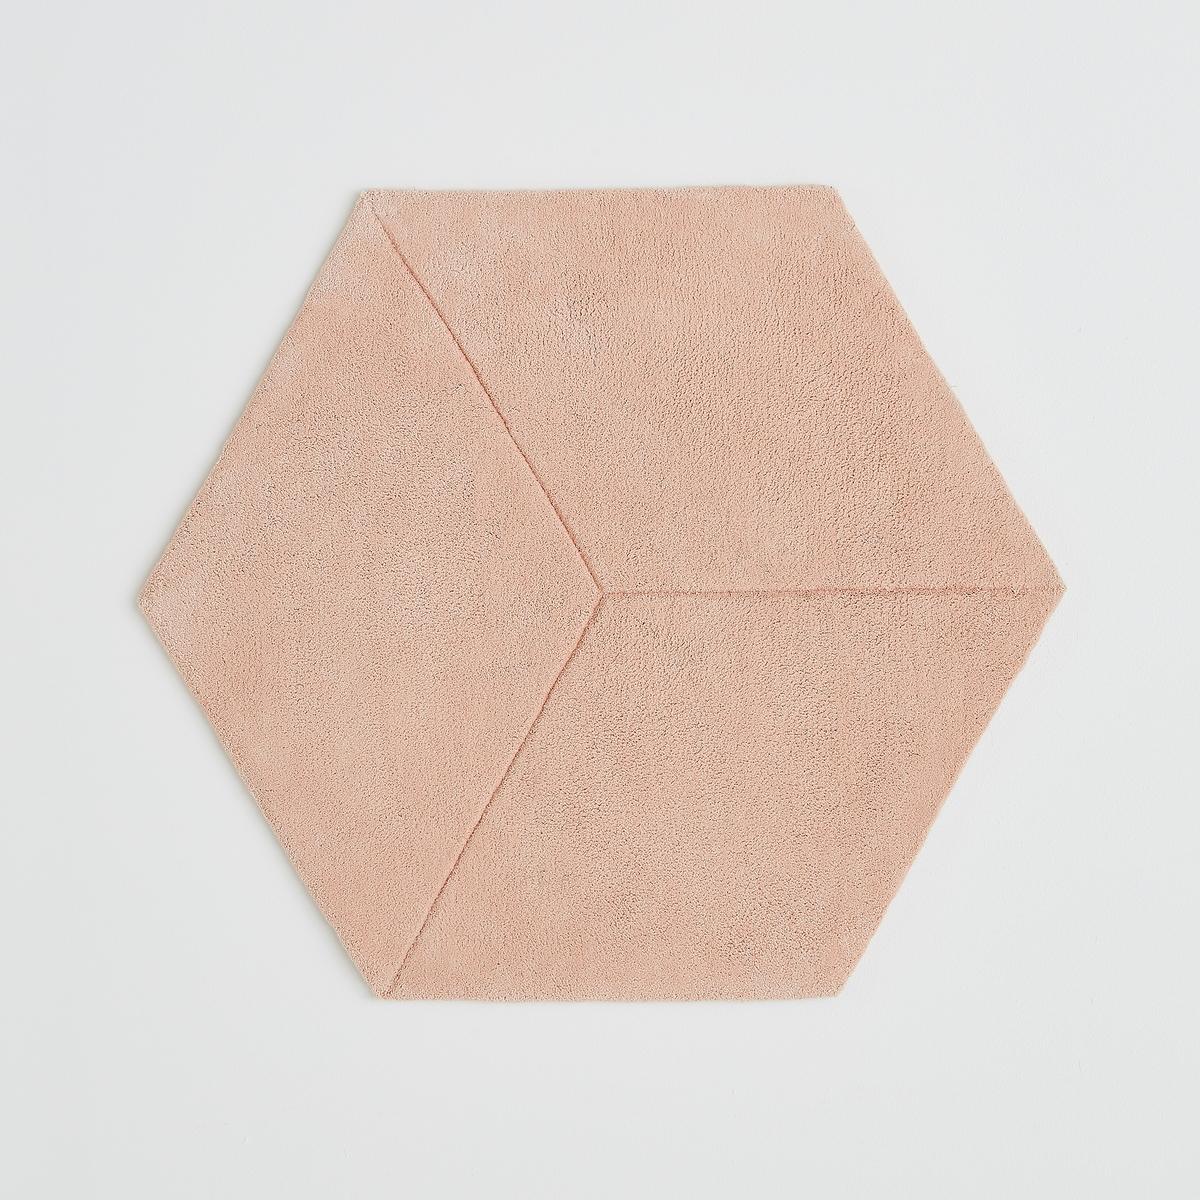 Ковер шестиугольный с эффектом 3D, Camino, 100% хлопокКовер шестиугольный с эффектом 3D, Camino, 100% хлопок. Ковер Camino выполнен в современных пастельных тонах с эффектом 3D. Сочетается с другими коврами  Camino, придает выразительность Вашему интерьеру. Описание ковра Camino :Ручная работа, 100% хлопка, 3500 г/м?.  Эффект 3D.Размеры ковра Camino :Размеры. 94 x 80 см Толщина : от 1,5 до 2 cм.Размеры и вес ящика :1 упаковка85 x 15 см 2,226 кг.<br><br>Цвет: розовый пастельный<br>Размер: единый размер